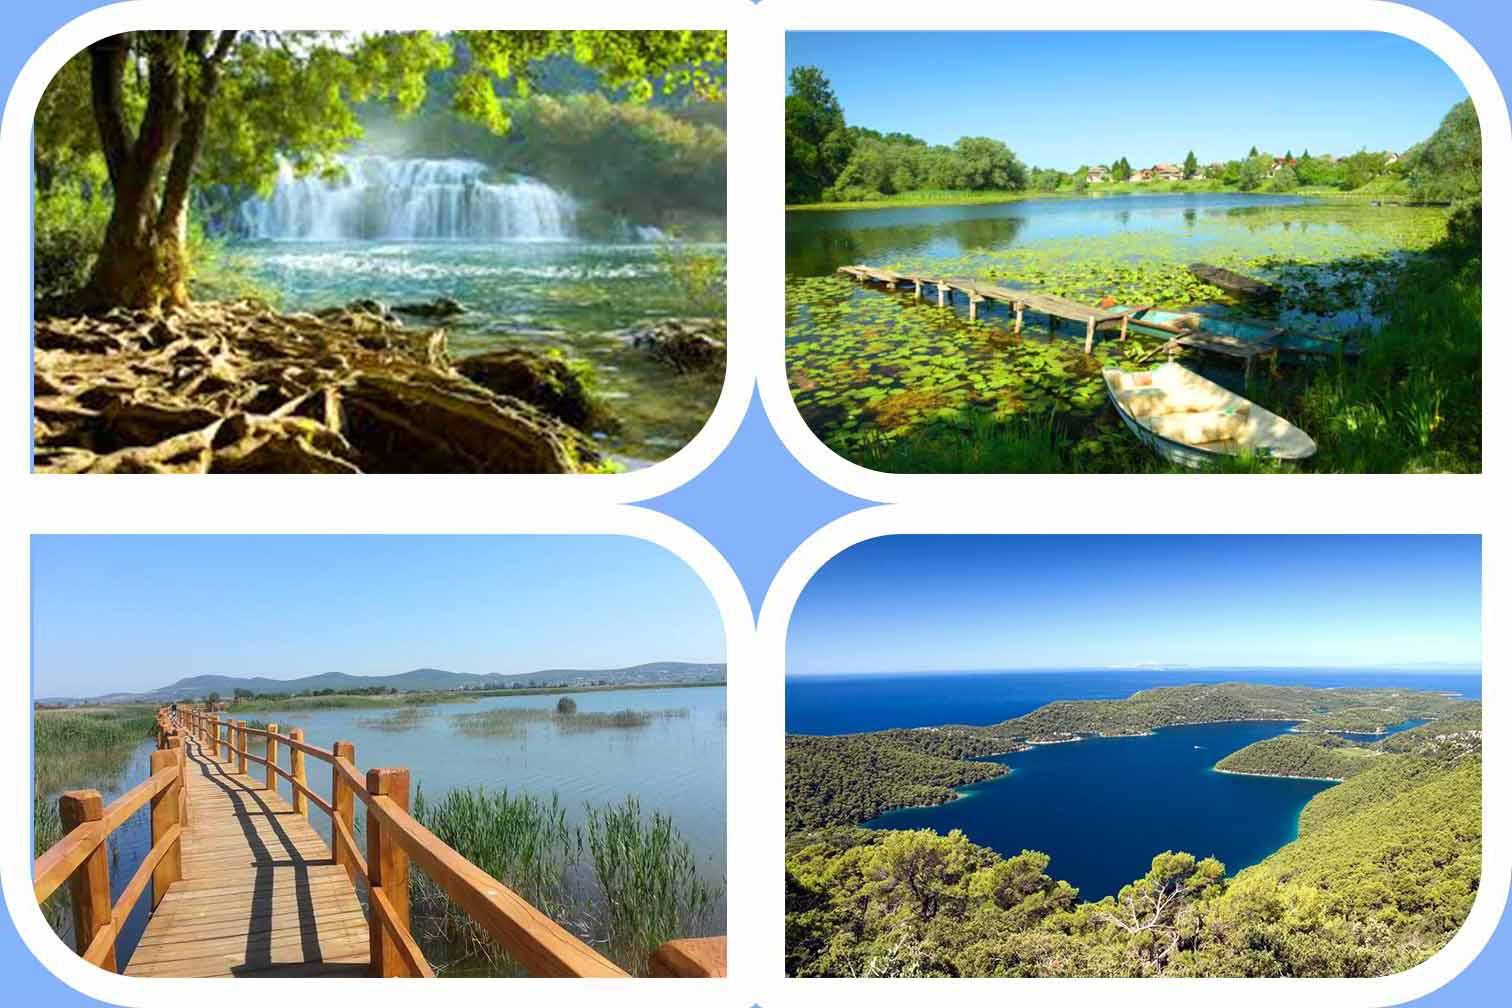 Nacional Parks and Beauty